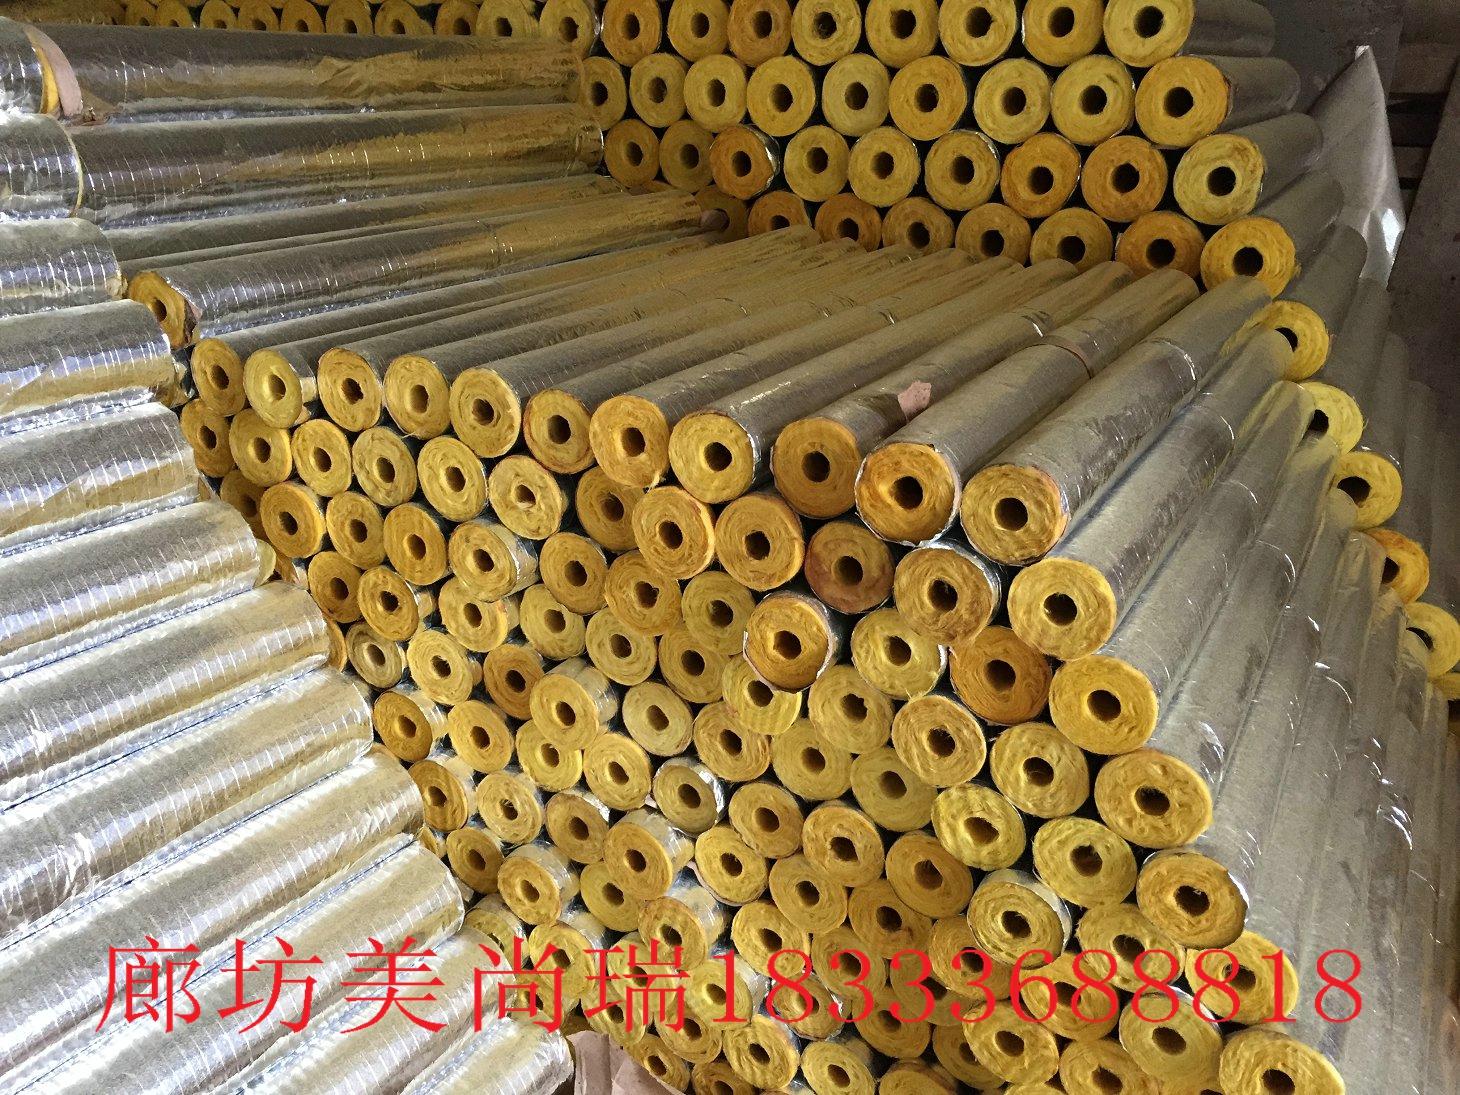 廊坊美尚瑞可靠的保温玻璃棉管壳销售商,玻璃棉管哪家有